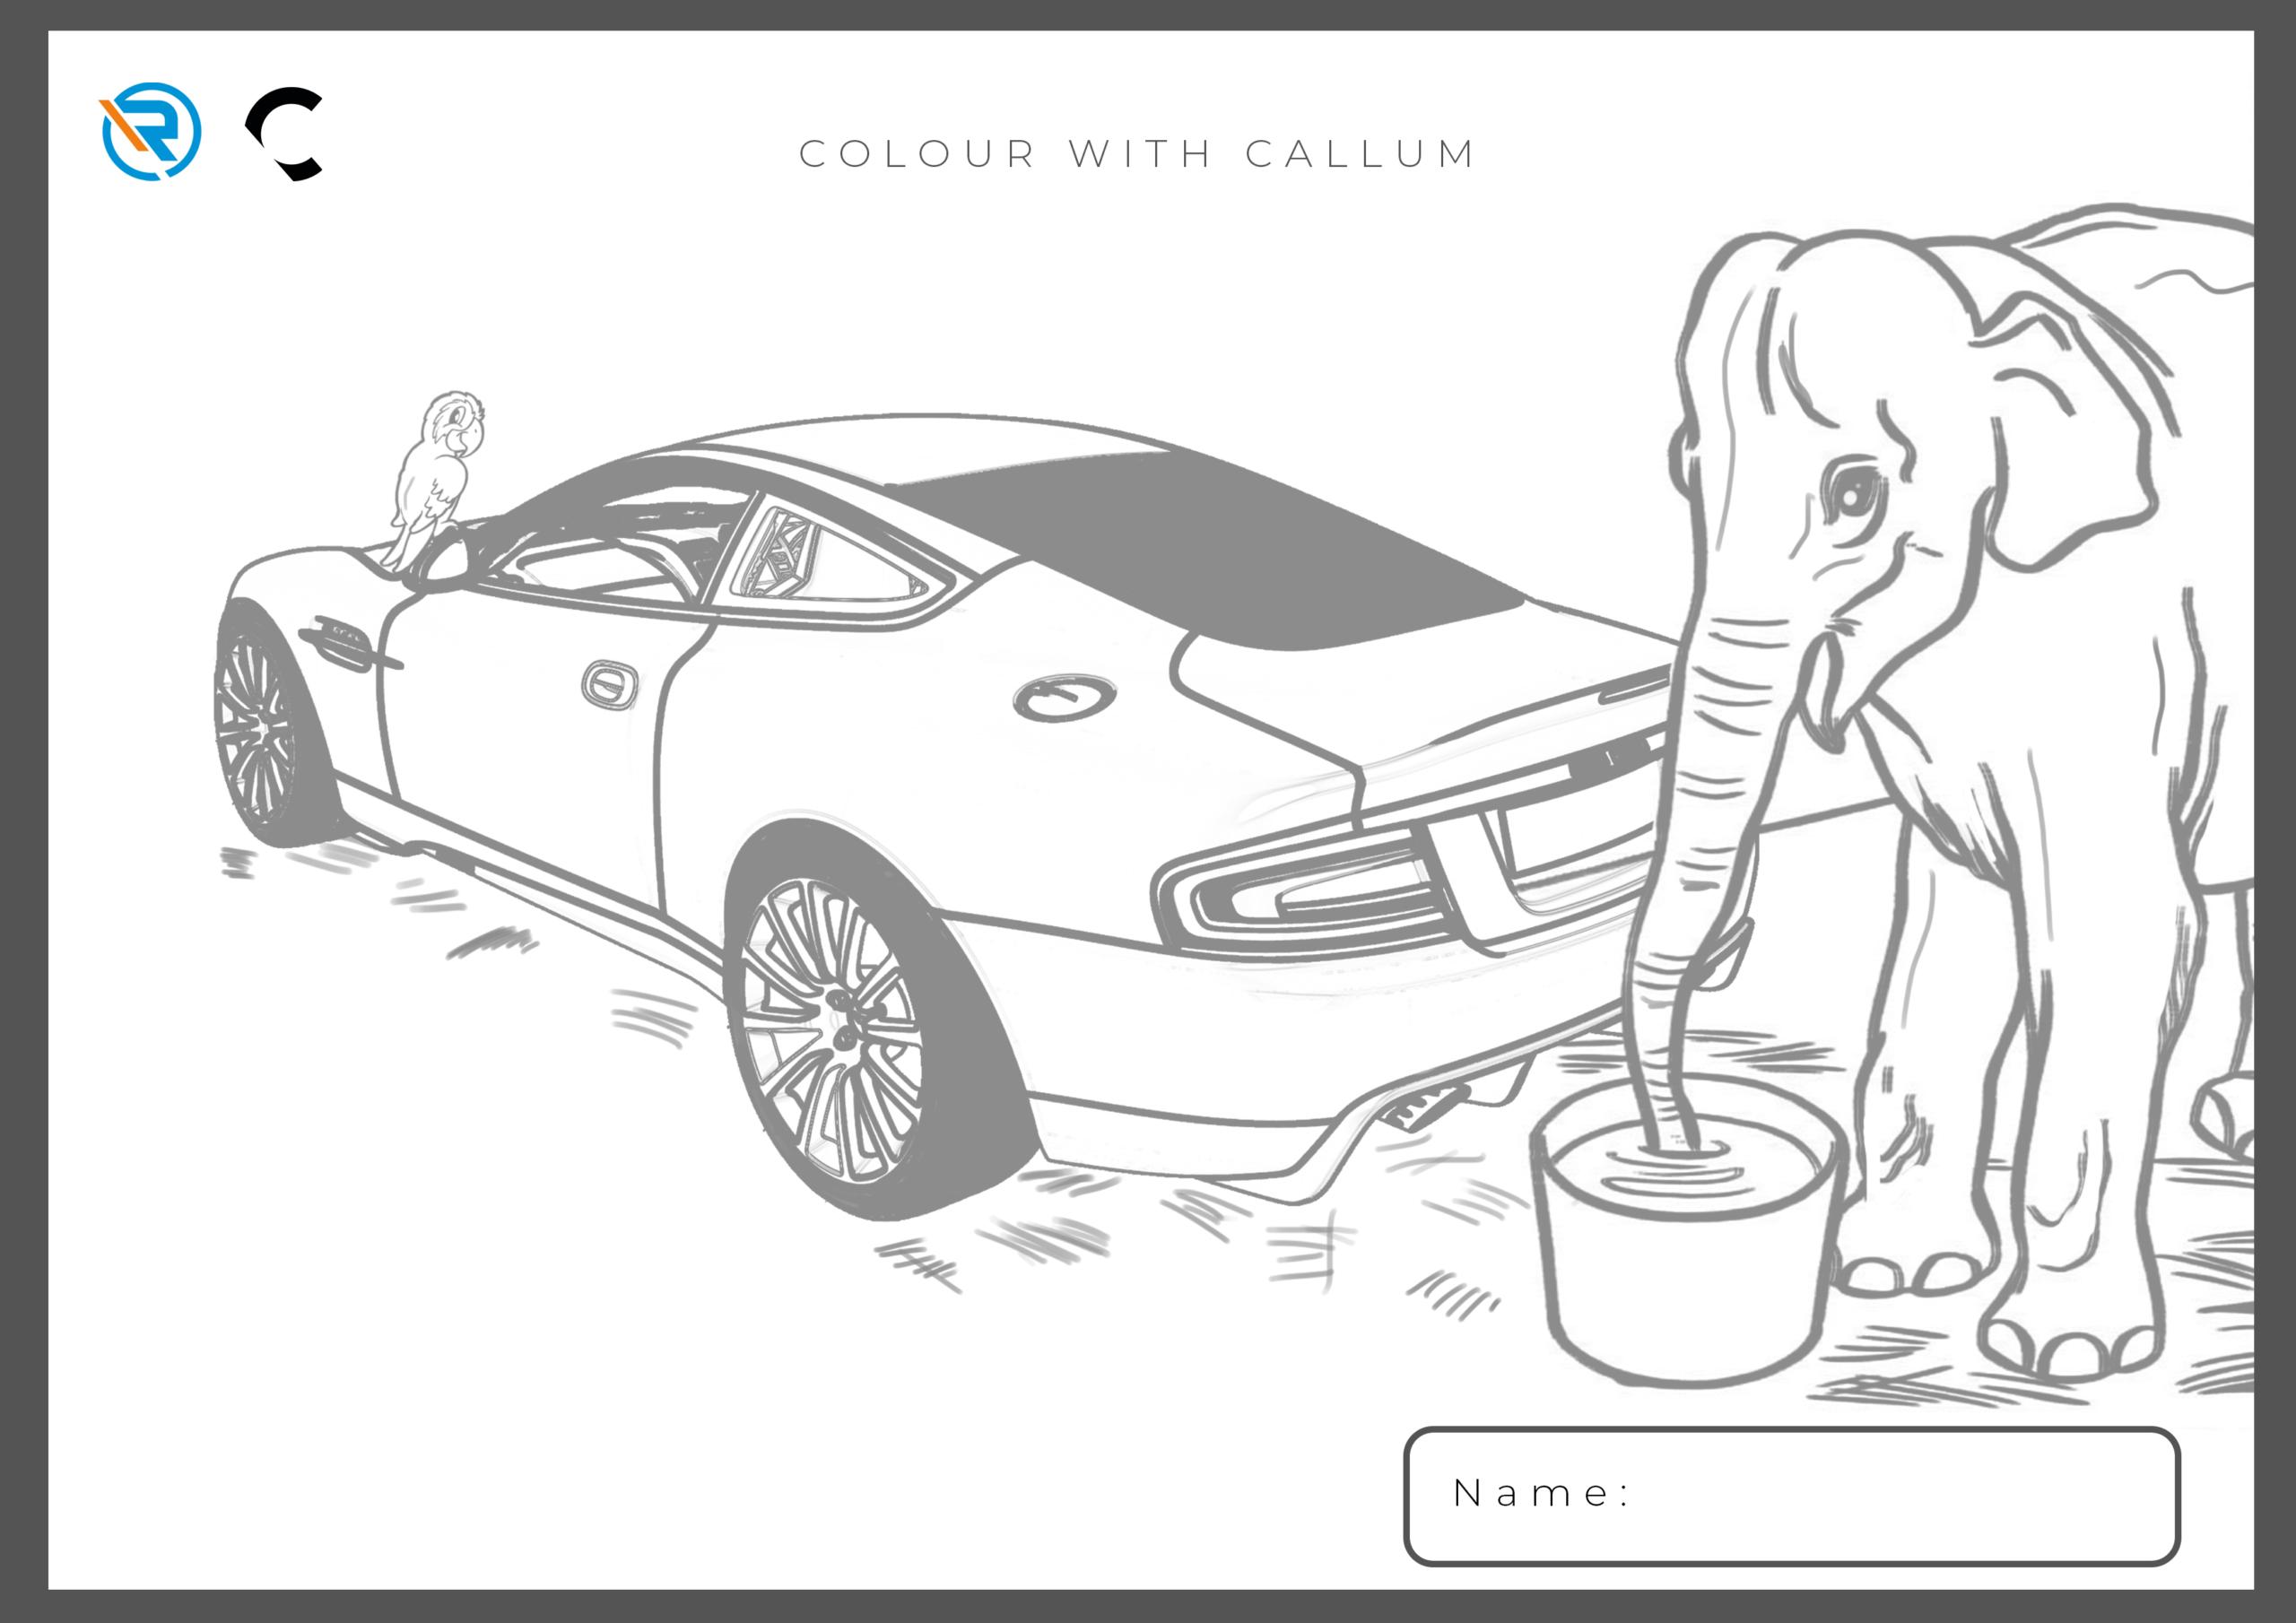 Colour with Callum 1